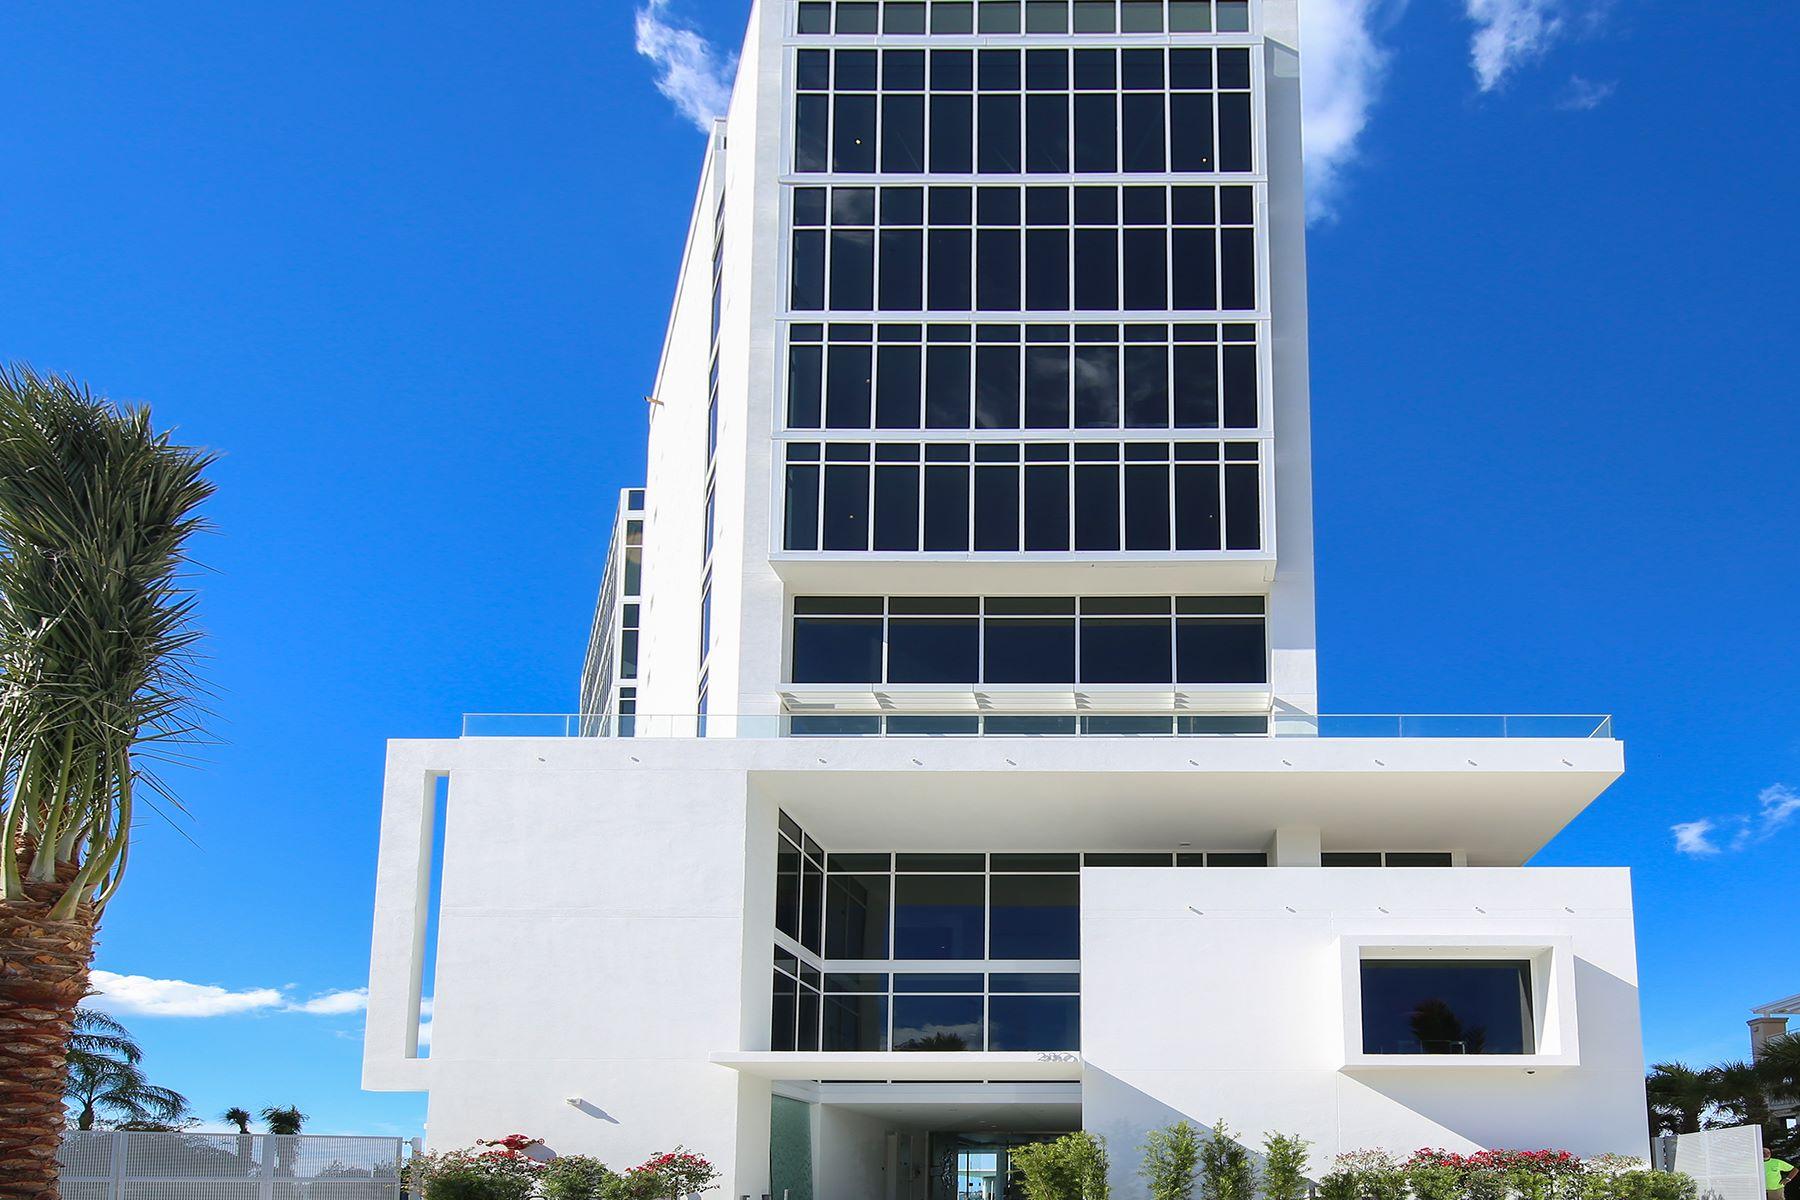 Imóvel para venda Sarasota